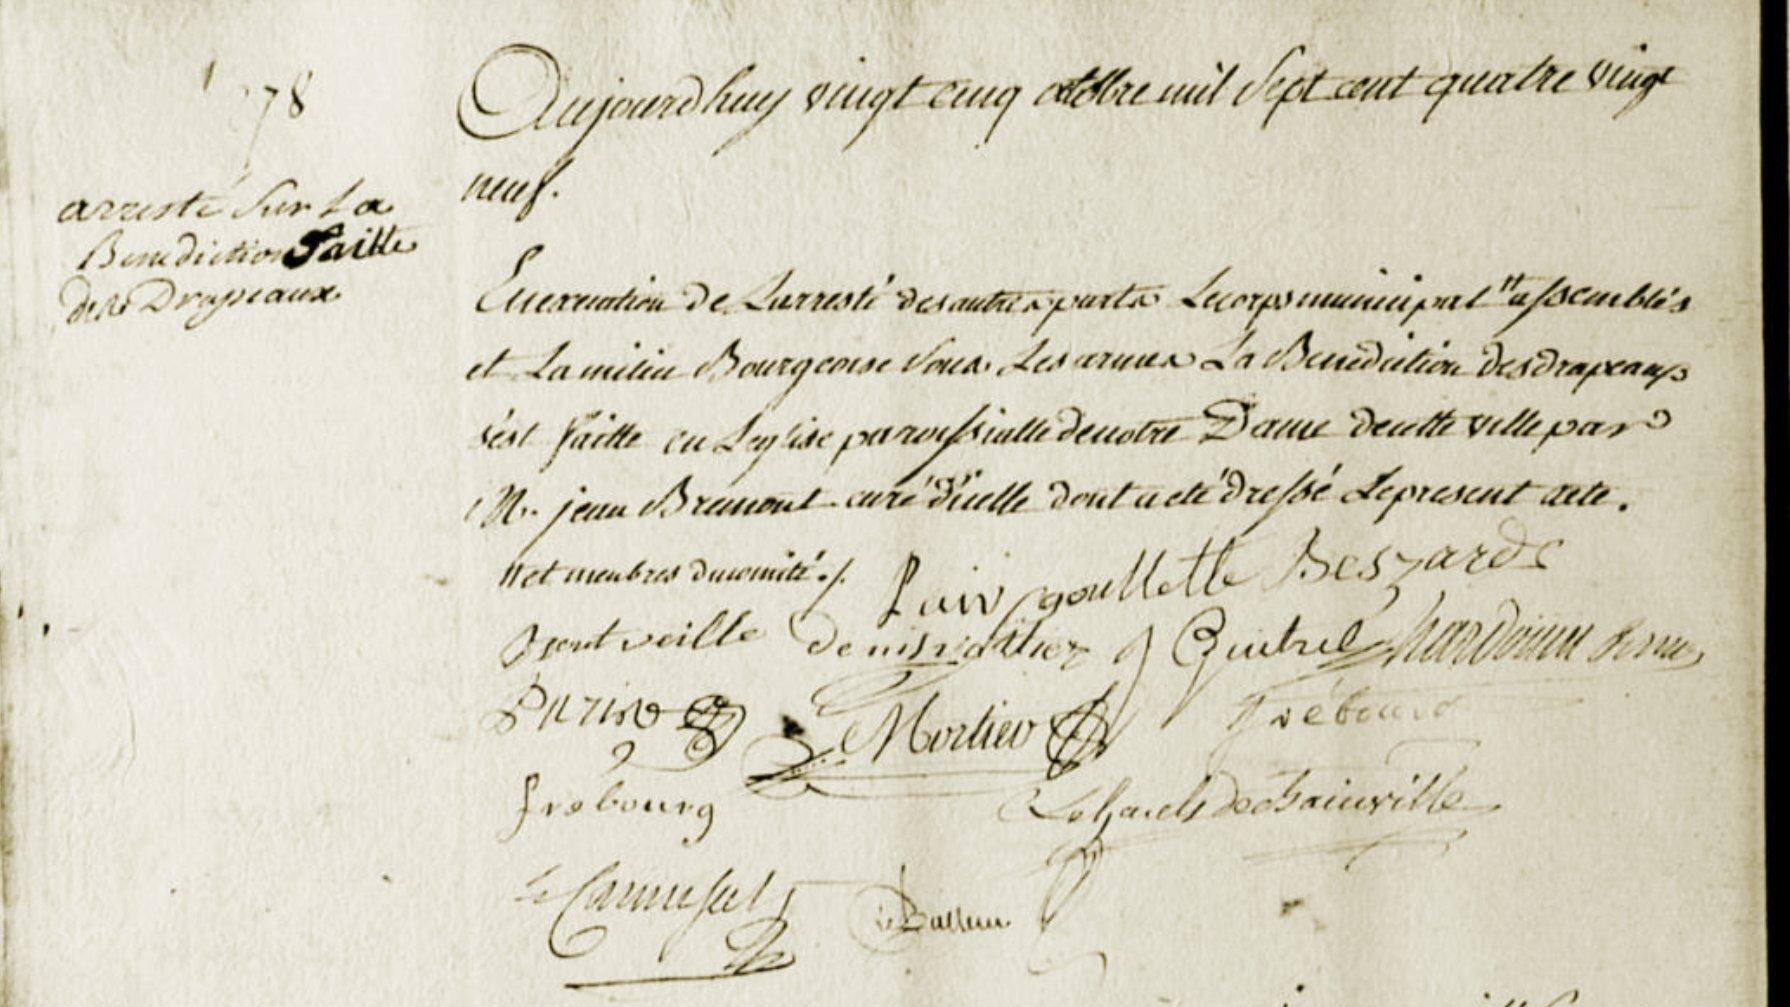 Le 25 octobre 1789 à Mamers : bénédiction des drapeaux.